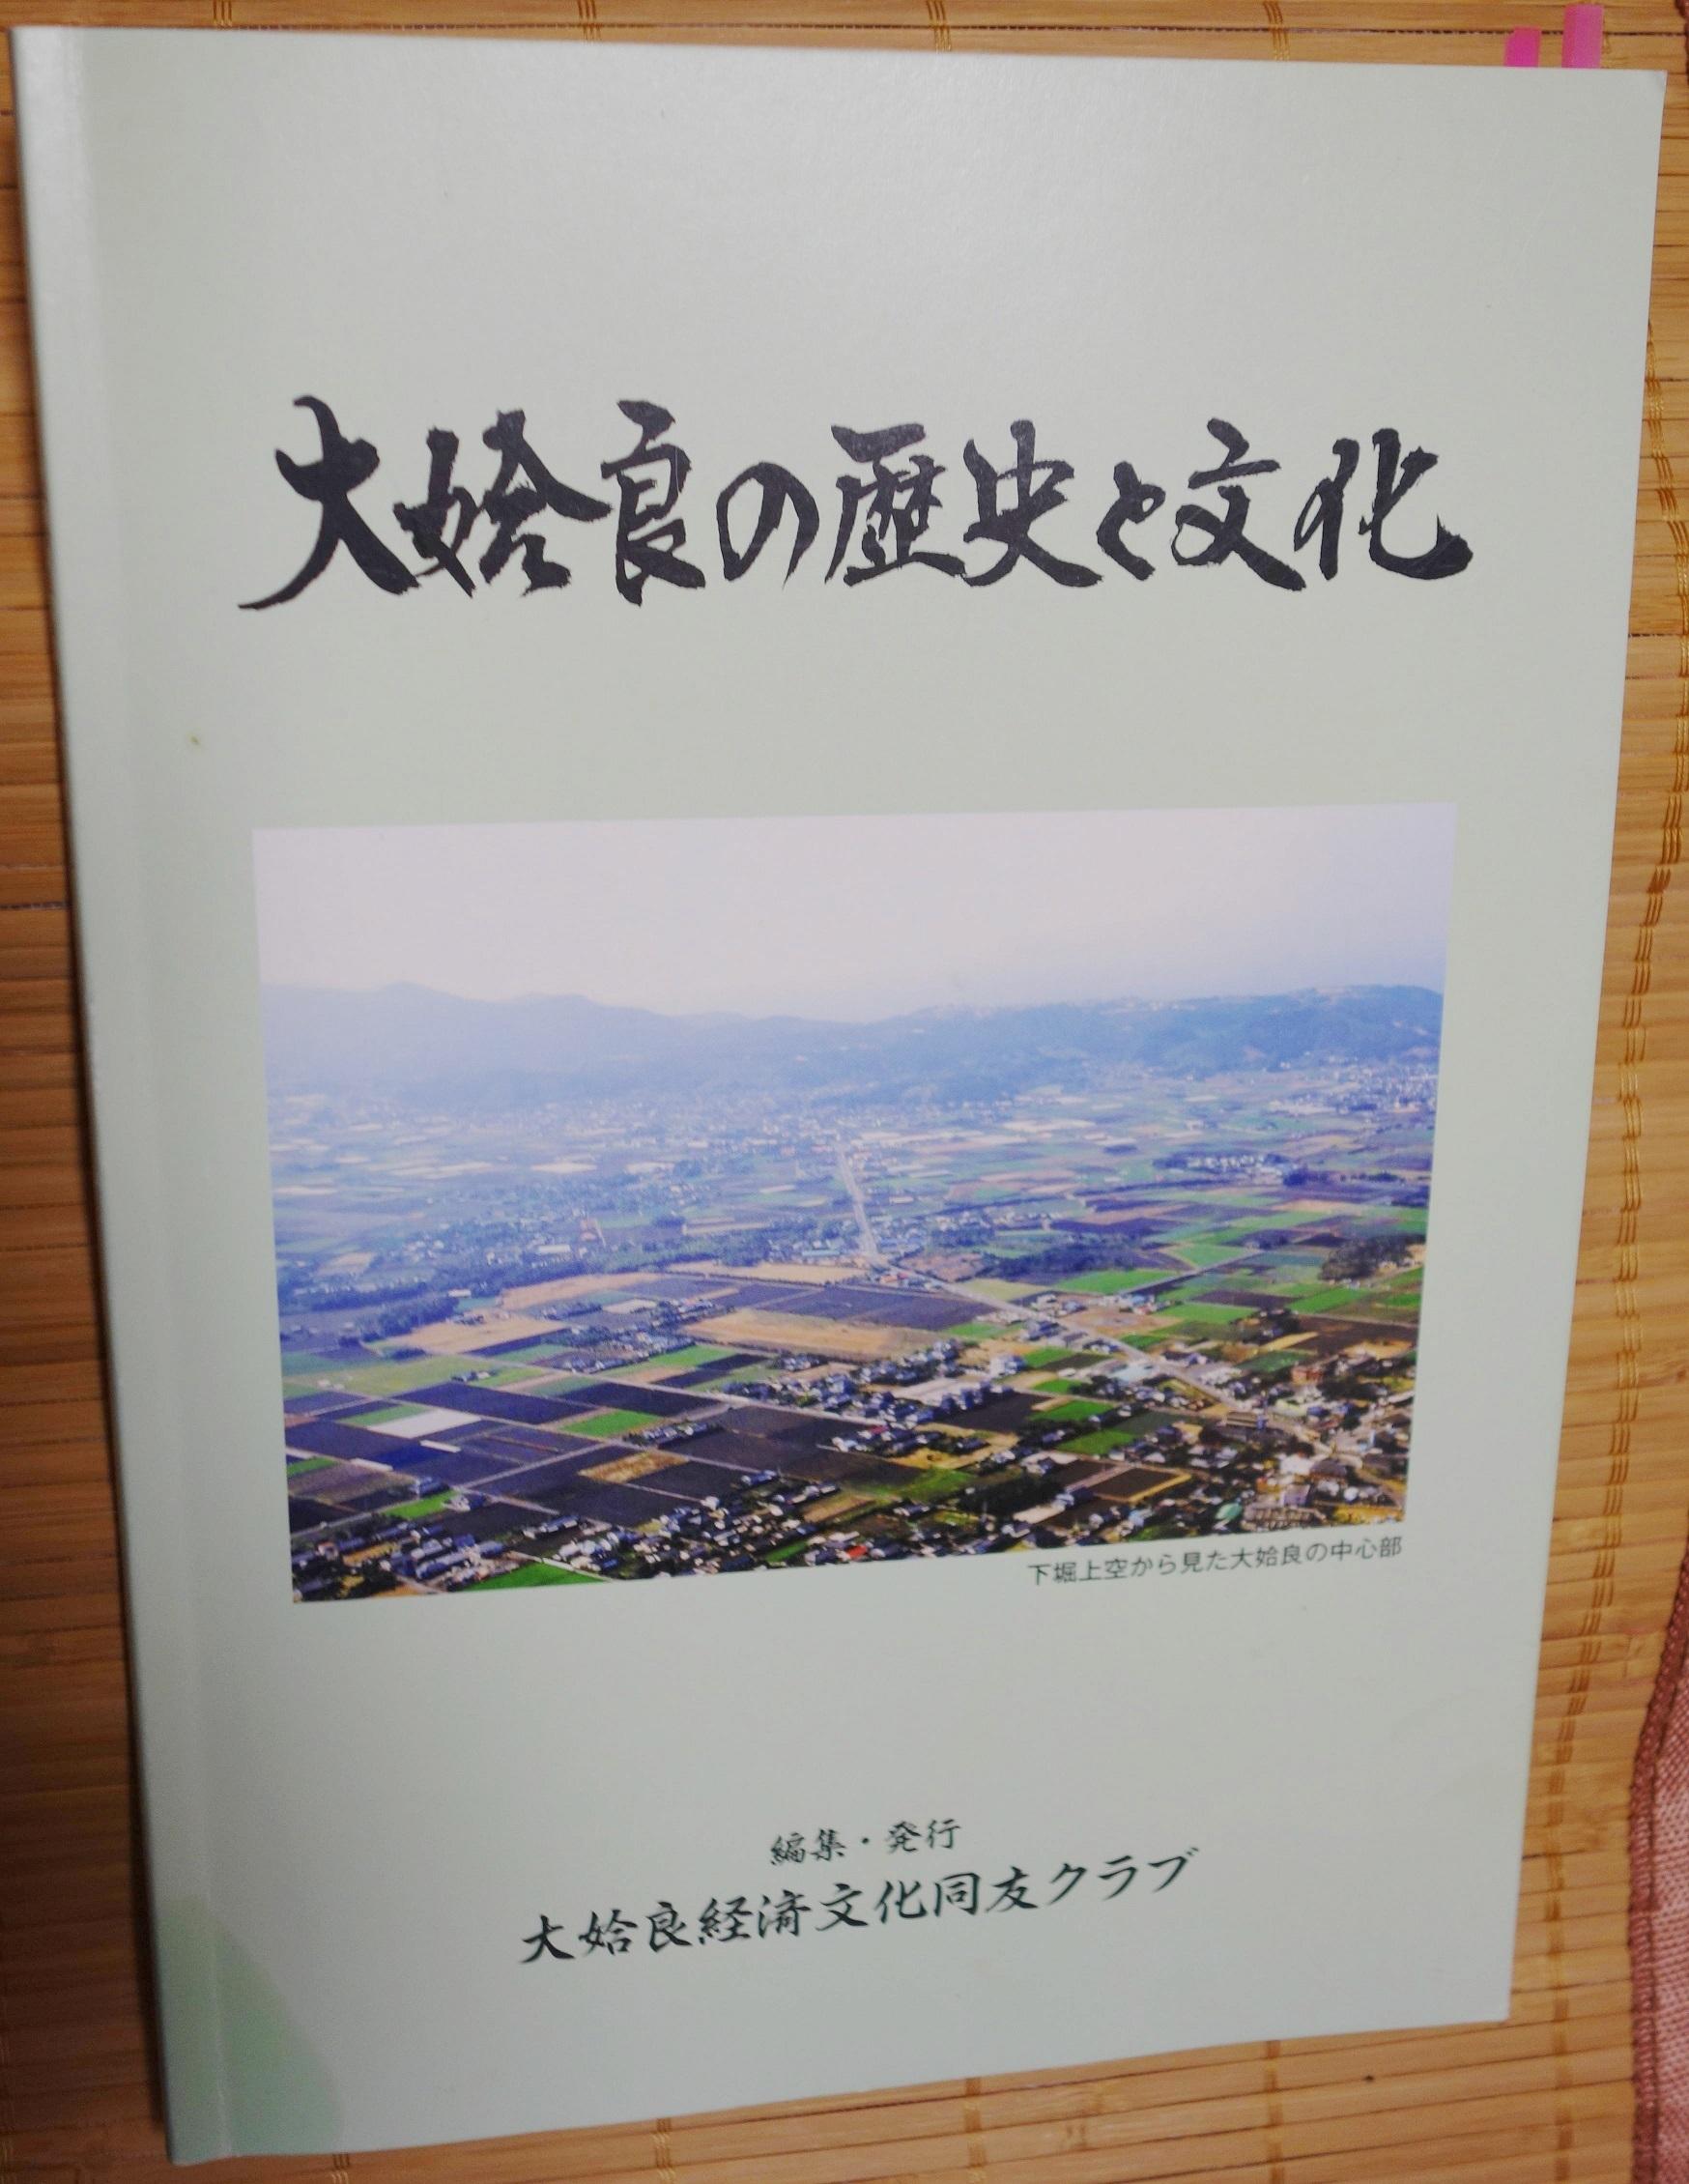 大姶良の歴史と文化600KB